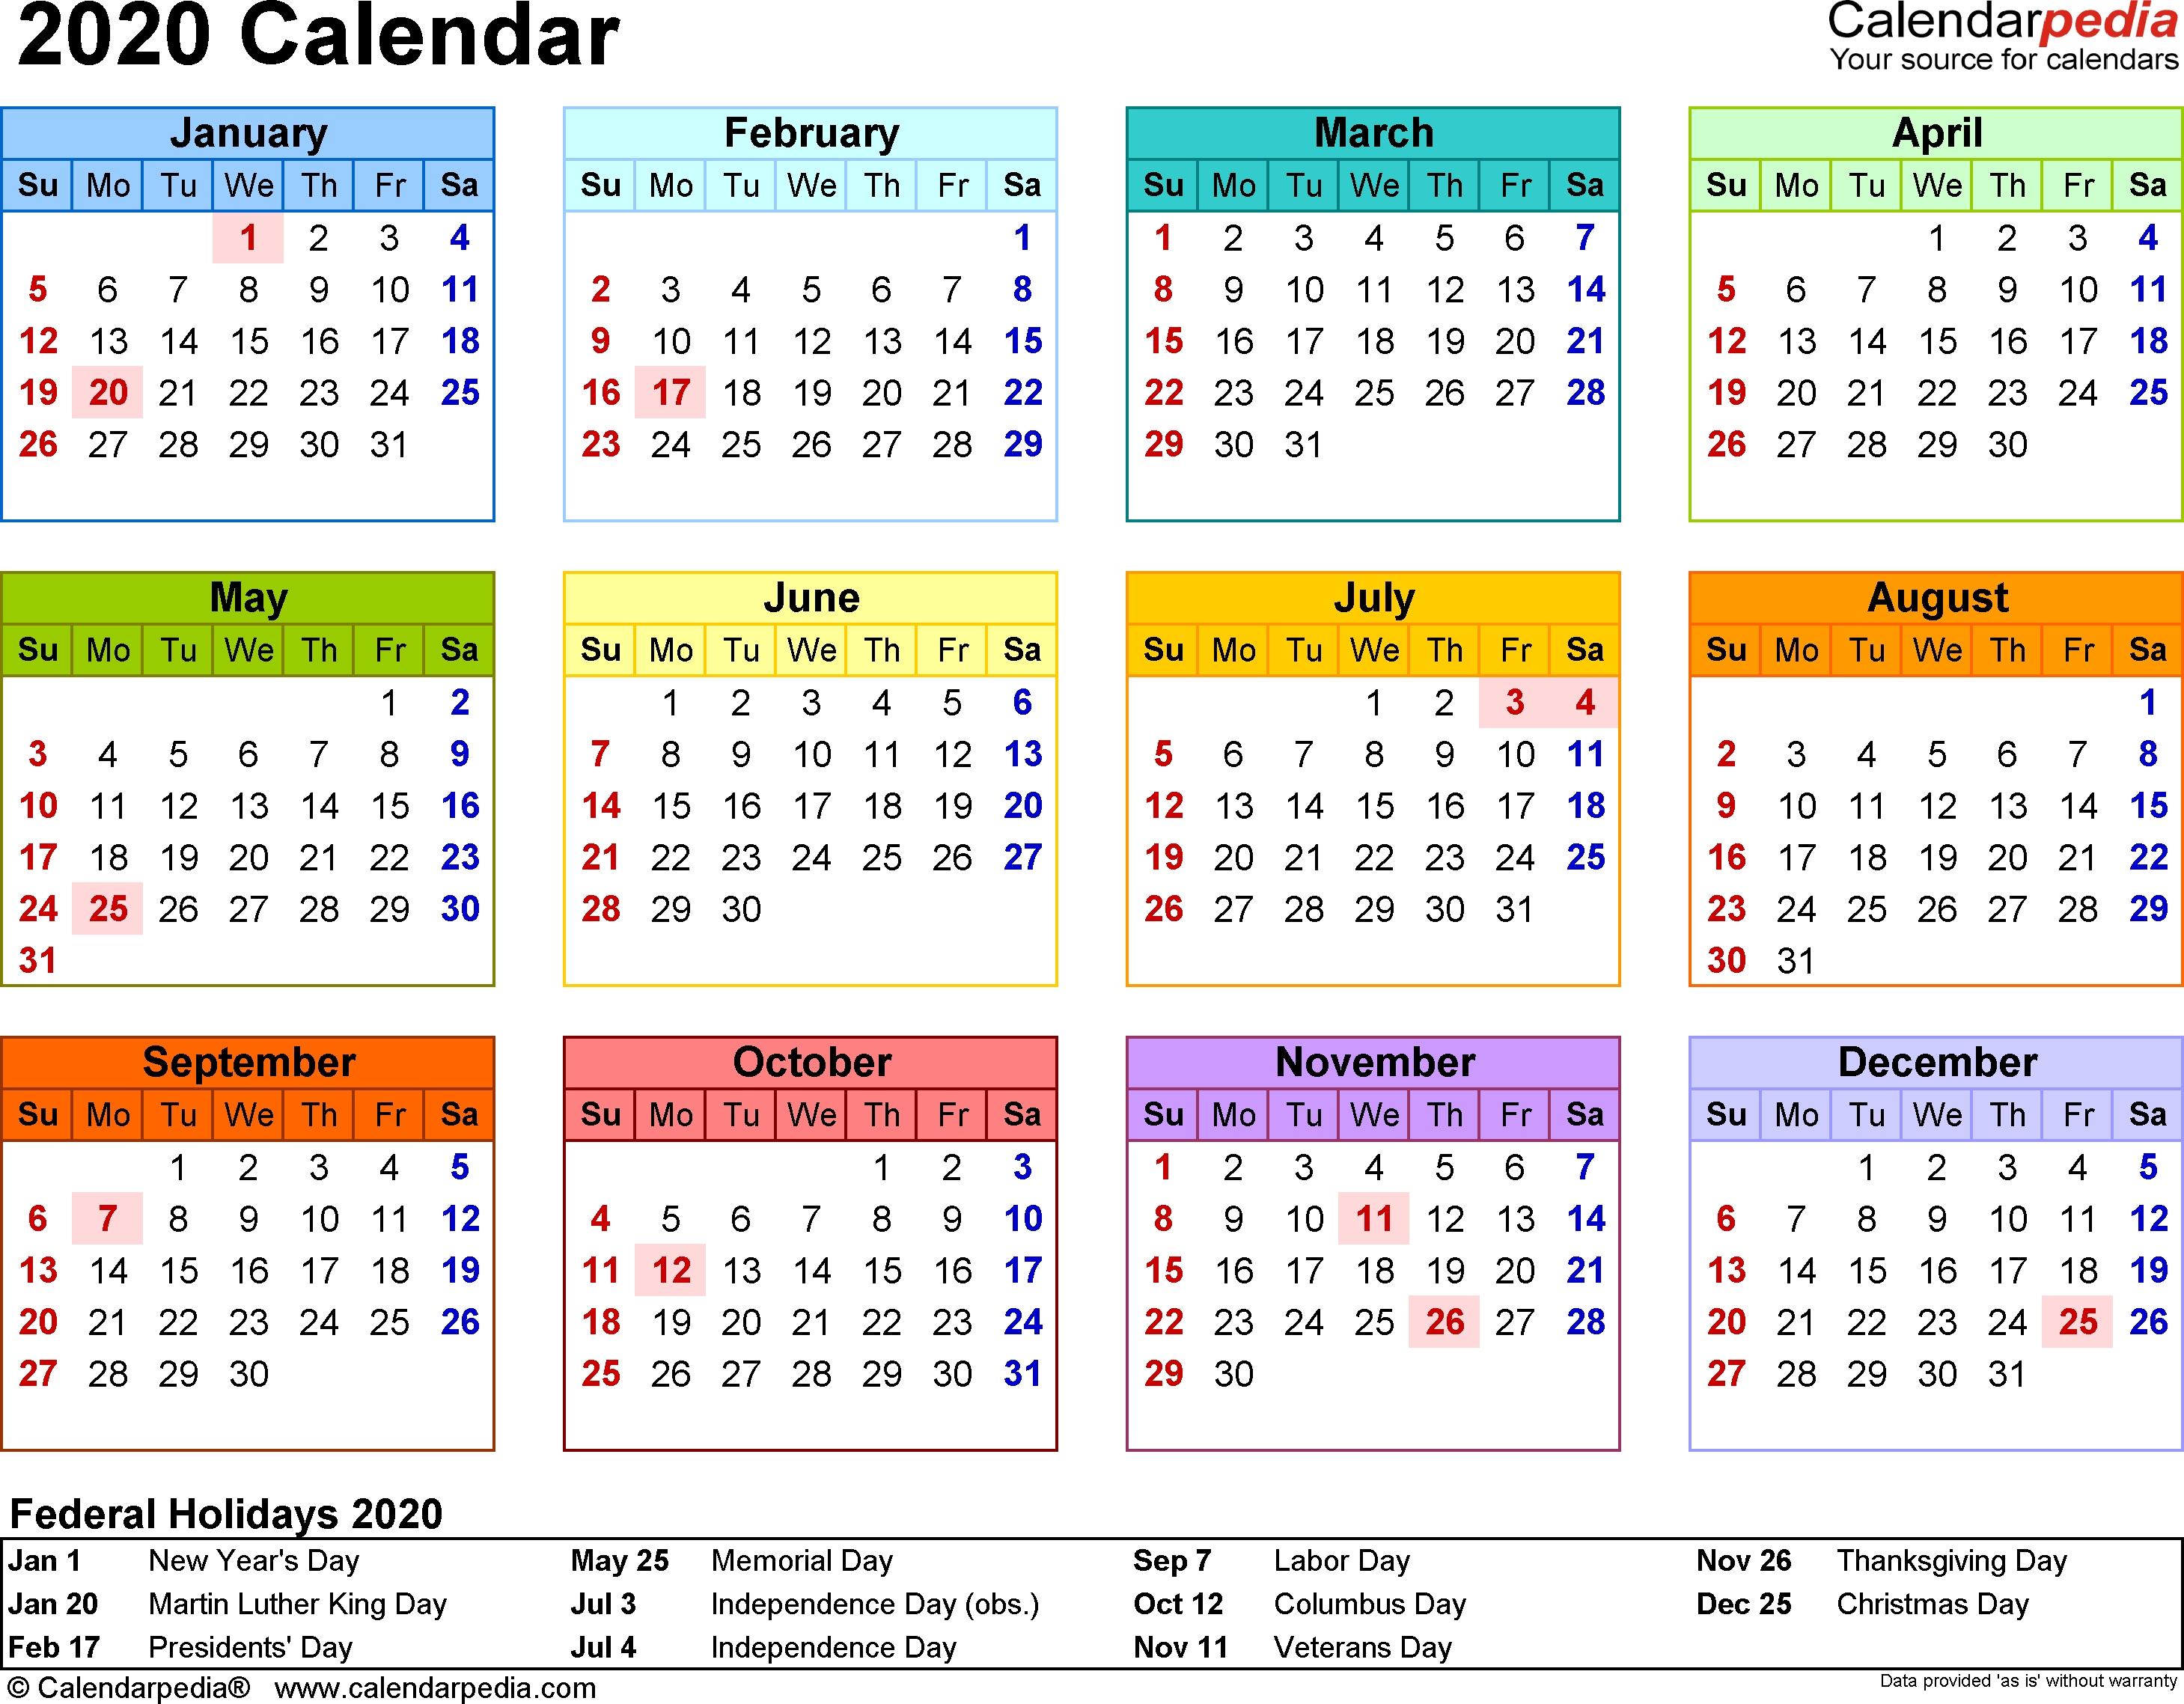 2020 Calendar Pdf - 18 Free Printable Calendar Templates-Europe Holidays 2020 Calendar